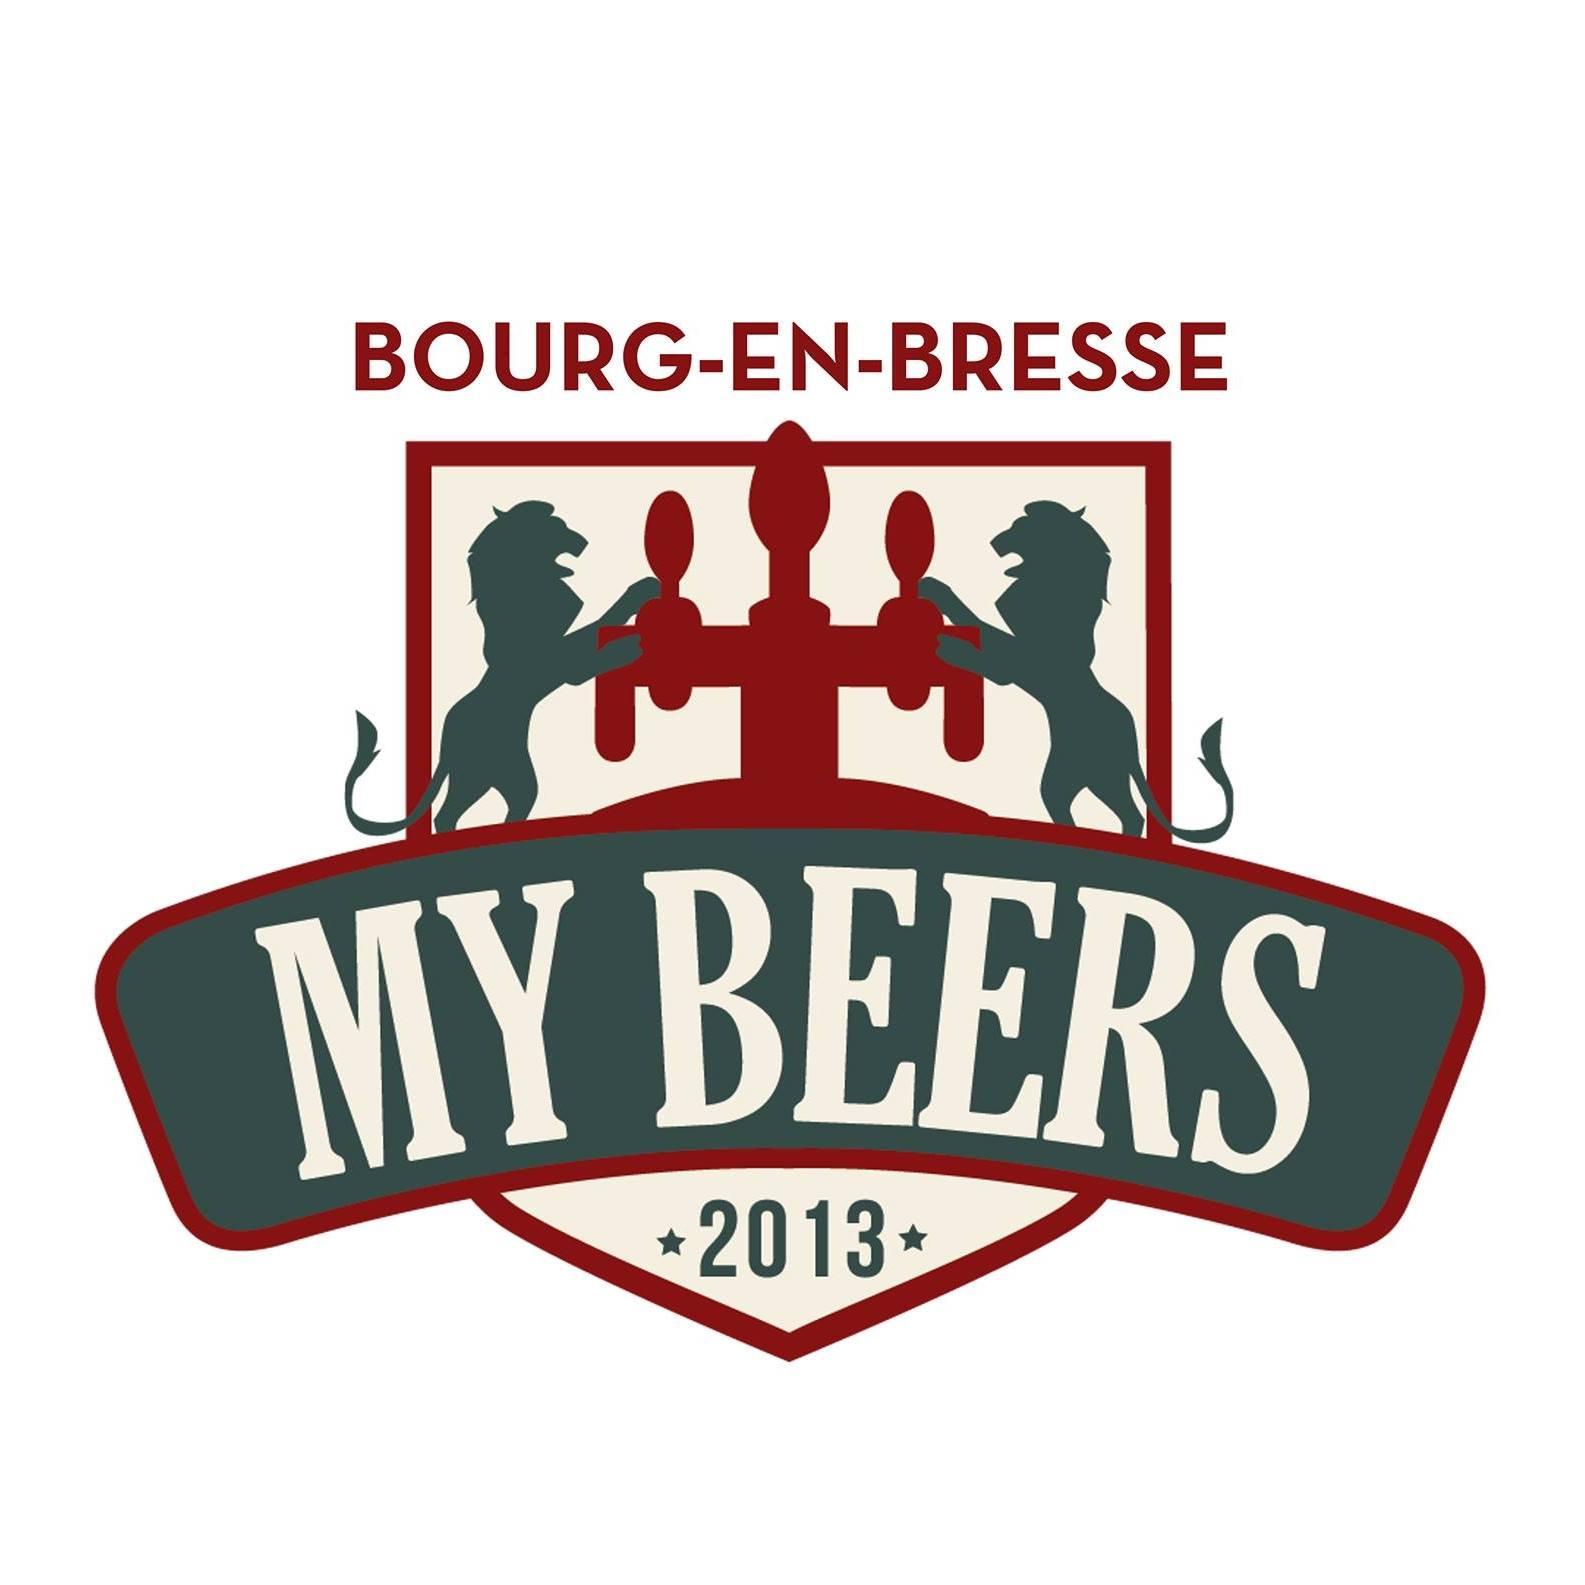 50% de réduction sur 1 Bière ou 20€ les 20 Bières - MyBeers Bourg en Bresse (01)